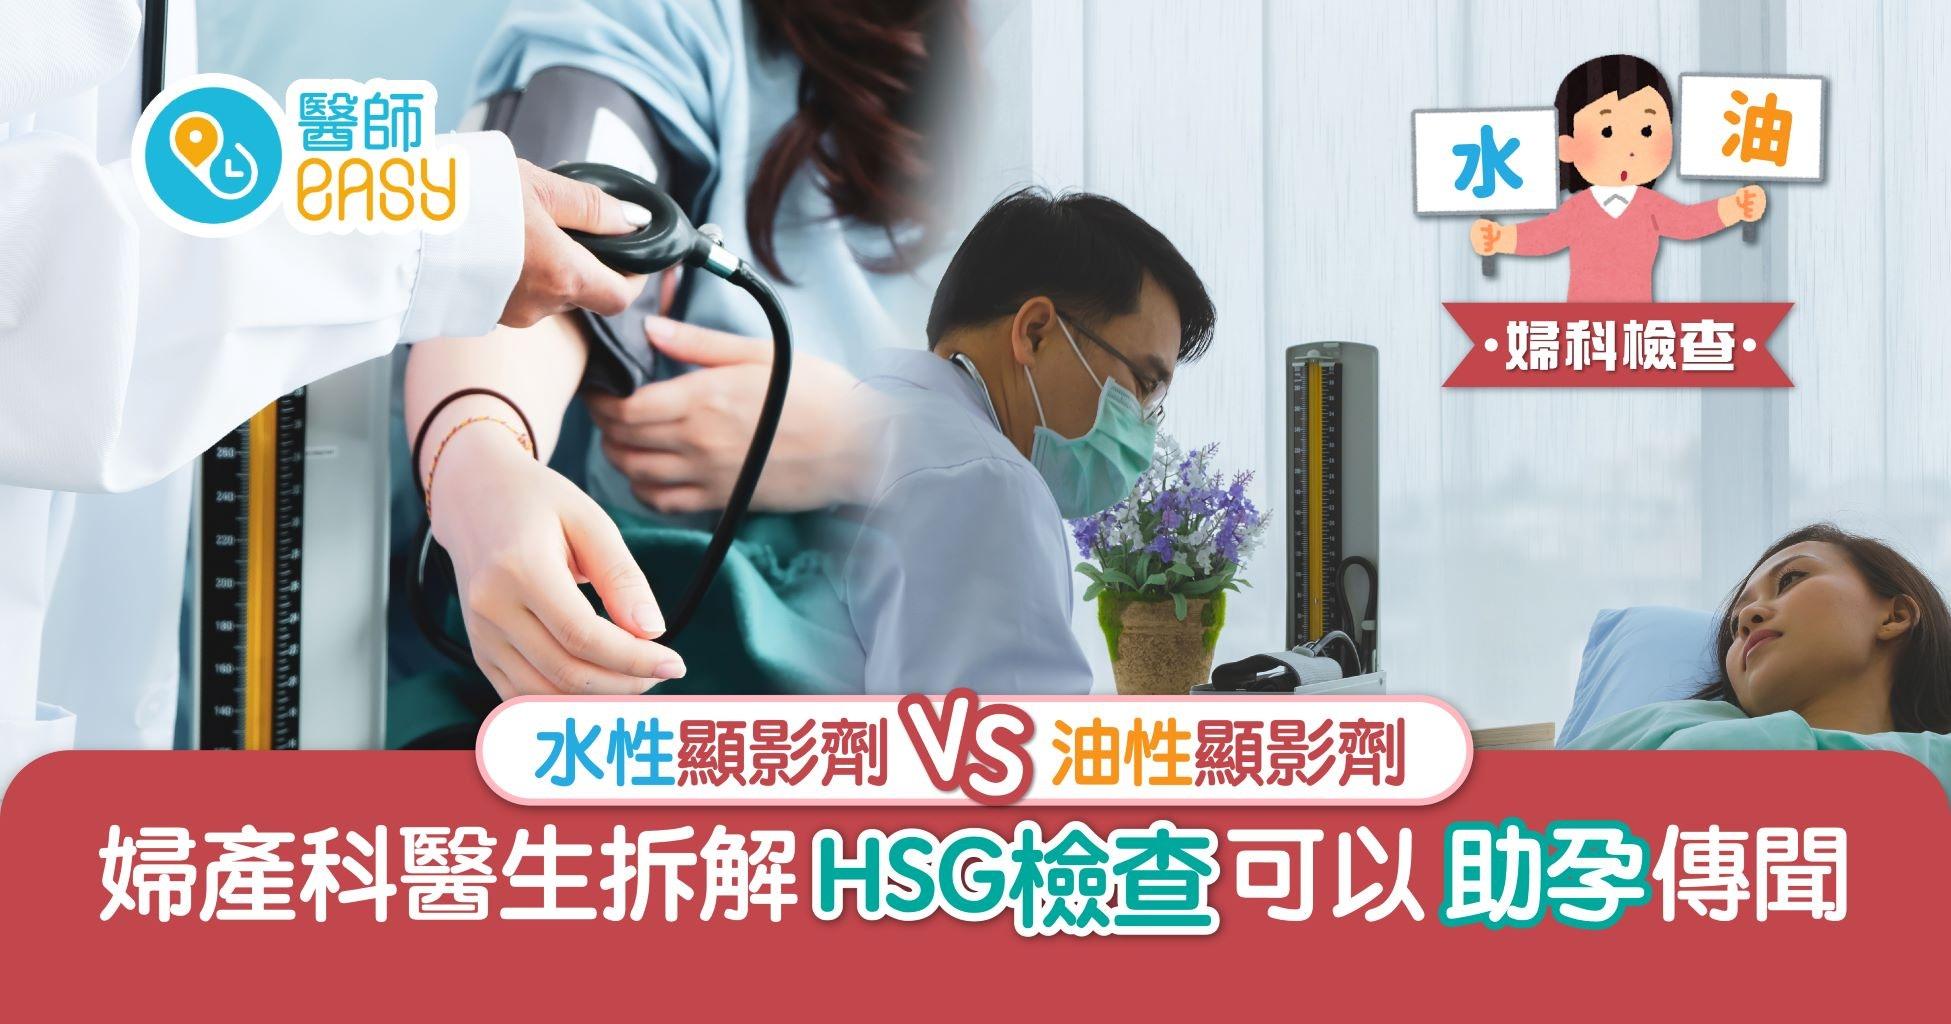 婦科檢查|醫生詳解子宮輸卵管造影(HSG) 破解能否助孕迷思